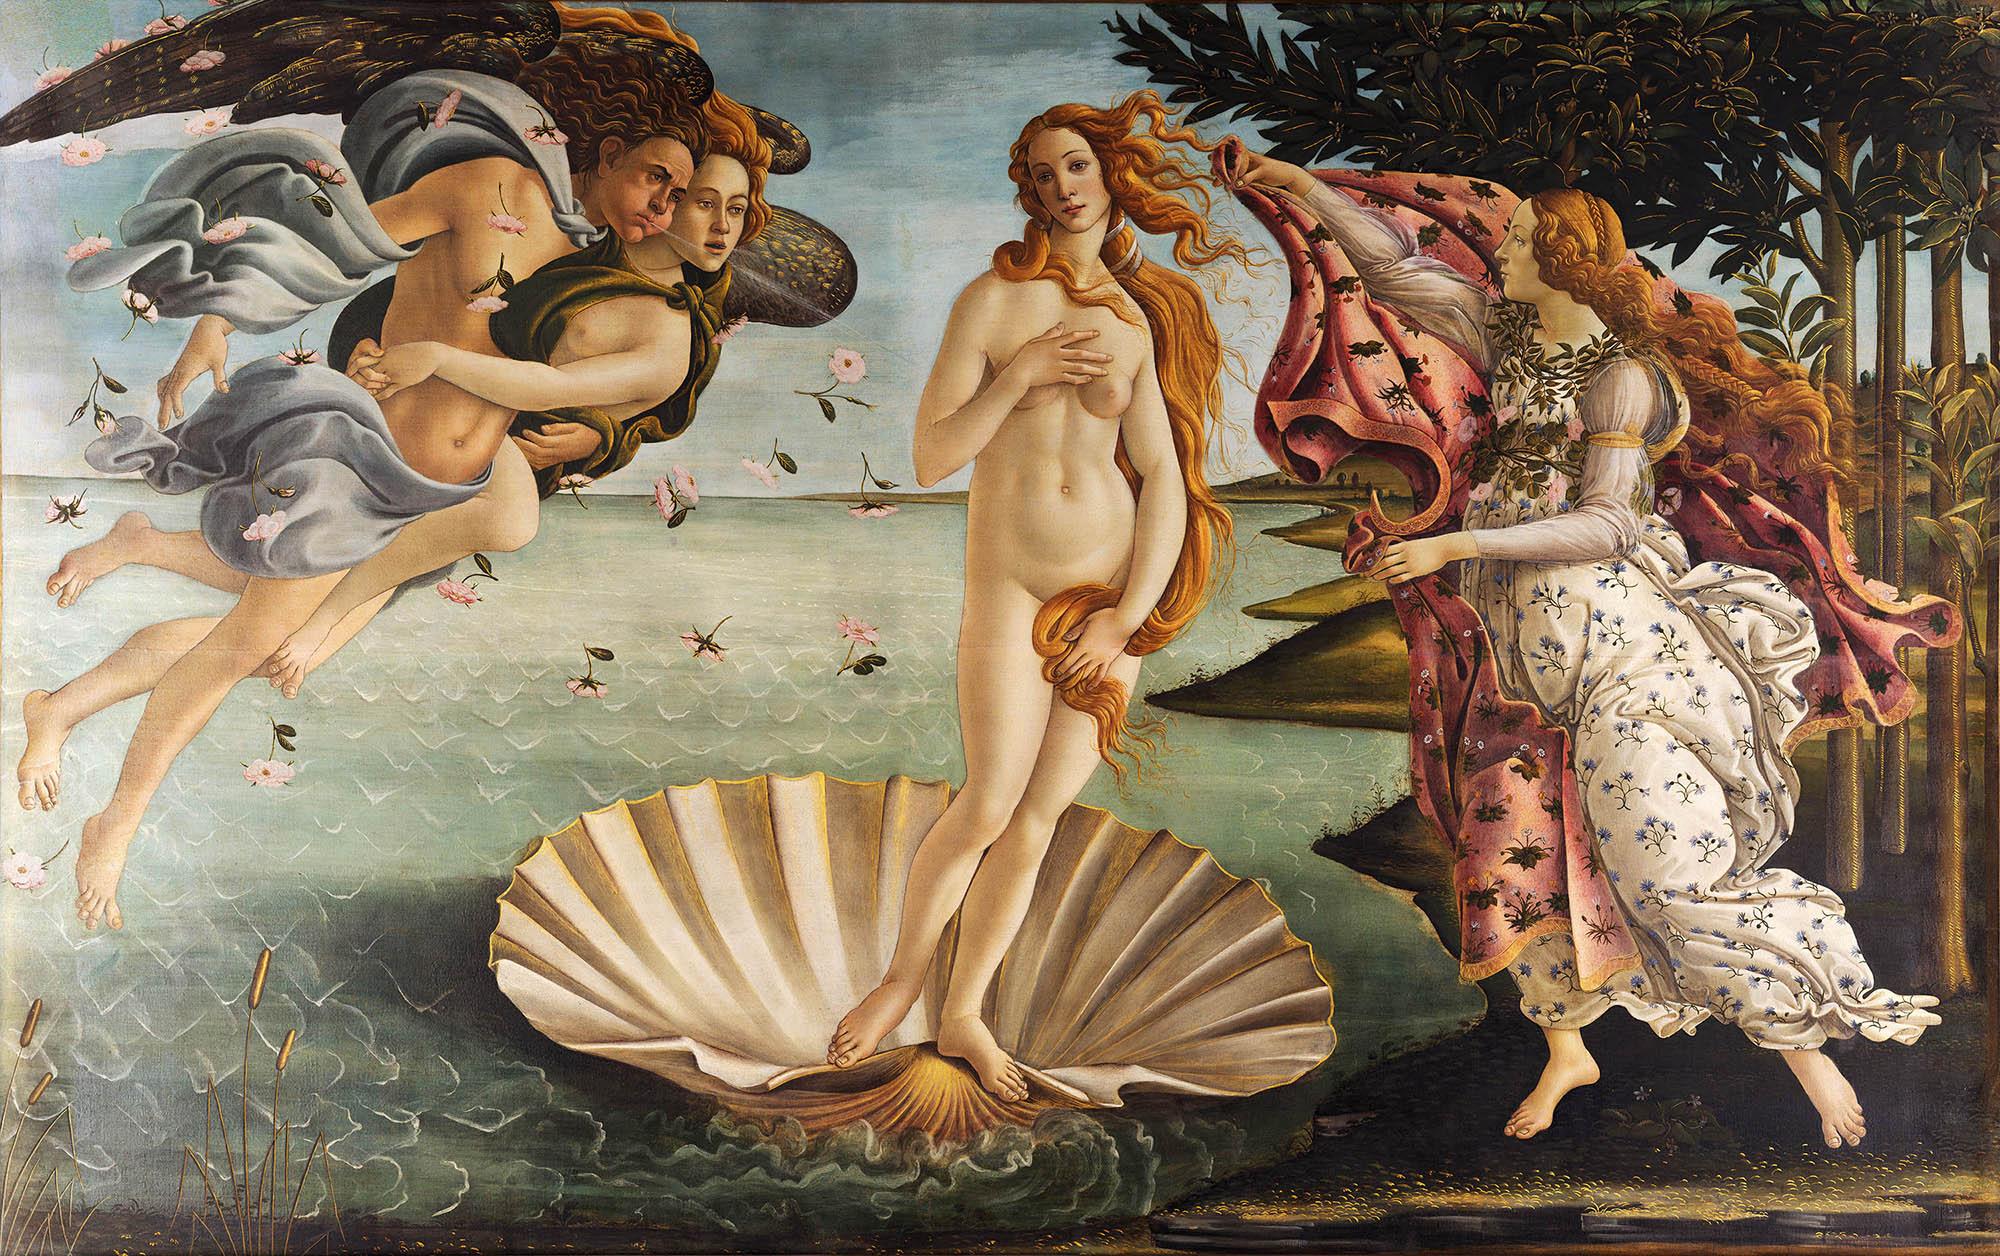 Sandro Botticelli, La nascita di Venere, 1483-85